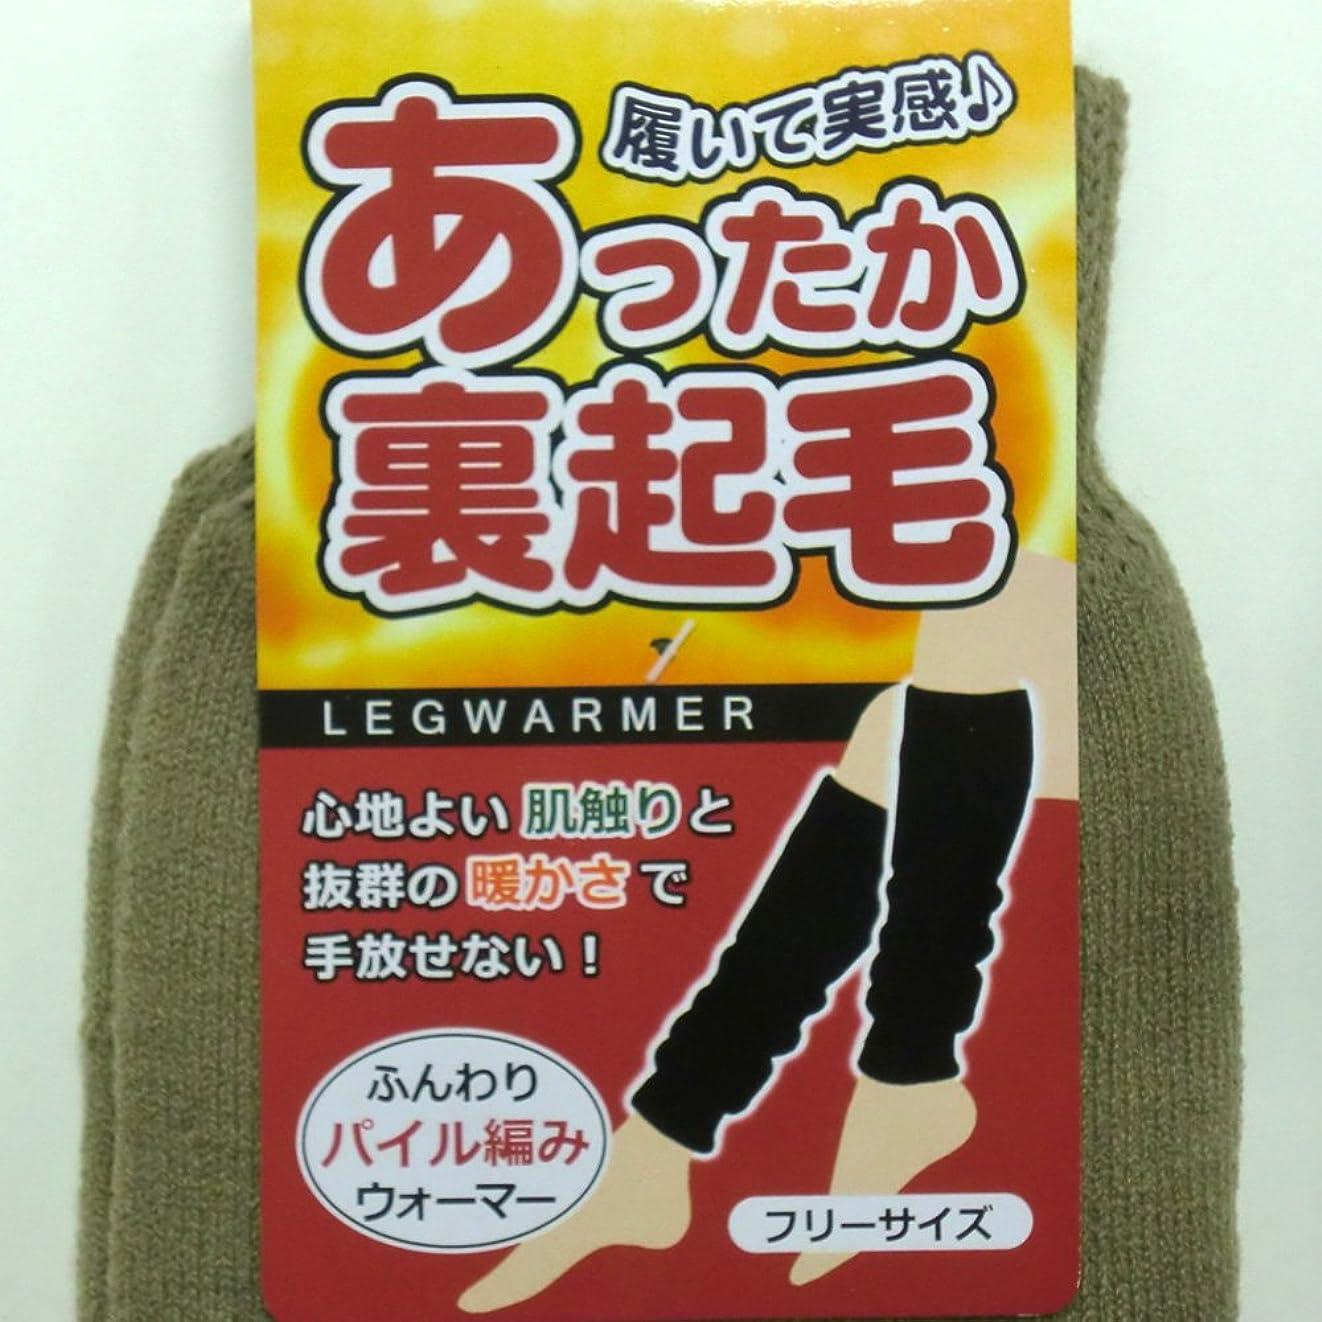 それ王位前あったか ロング レッグウォーマー 45cm丈 裏起毛 パイル編み カプサイシン加工 男女兼用 2足組(柄はお任せ)